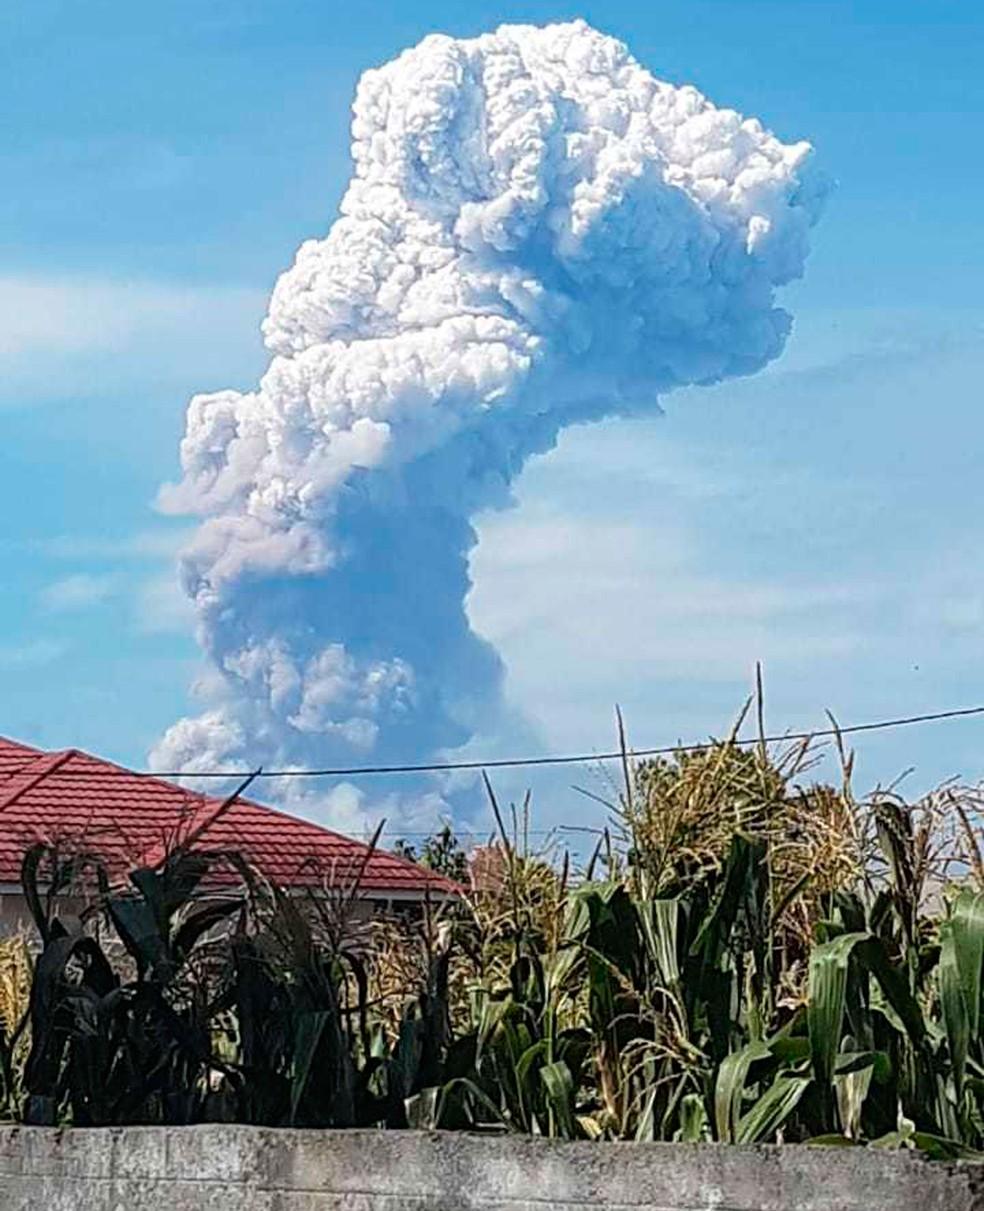 Nuvem de cinzas é vista depois após o vulcão do Monte Soputan, na Indonésia, entrar em erupção nesta quarta-feira (3)  — Foto: Hetty Andih/AP